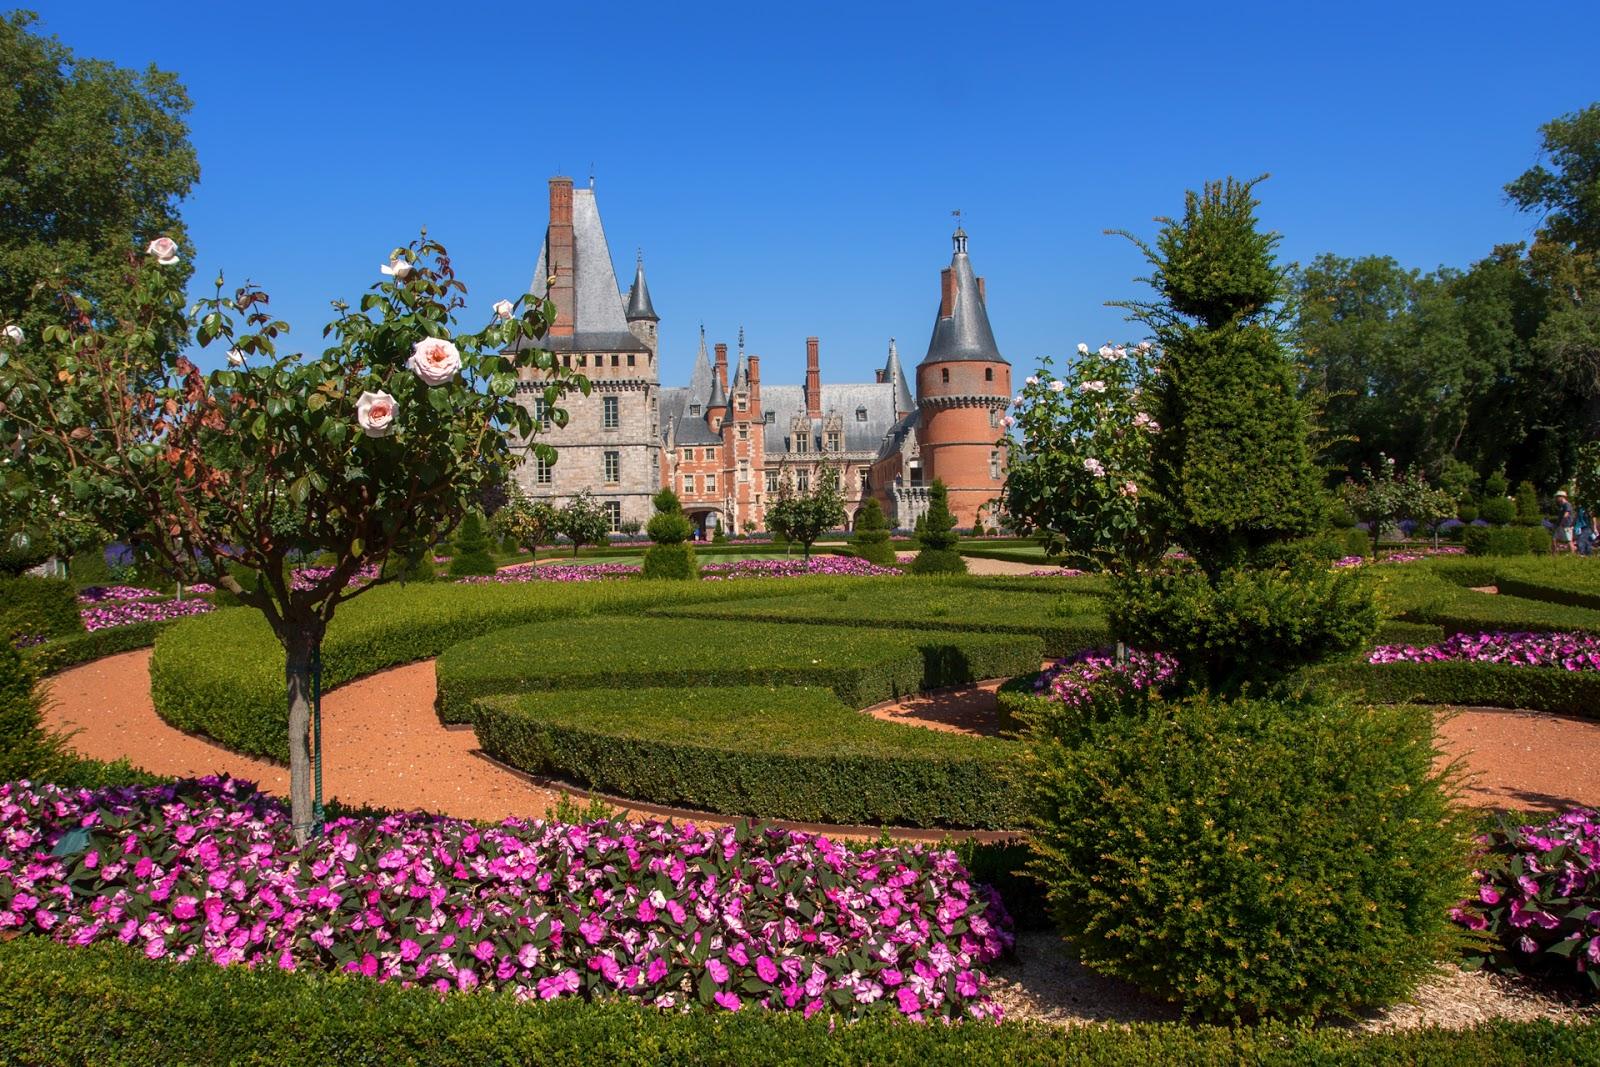 L'élégant château de Maintenon